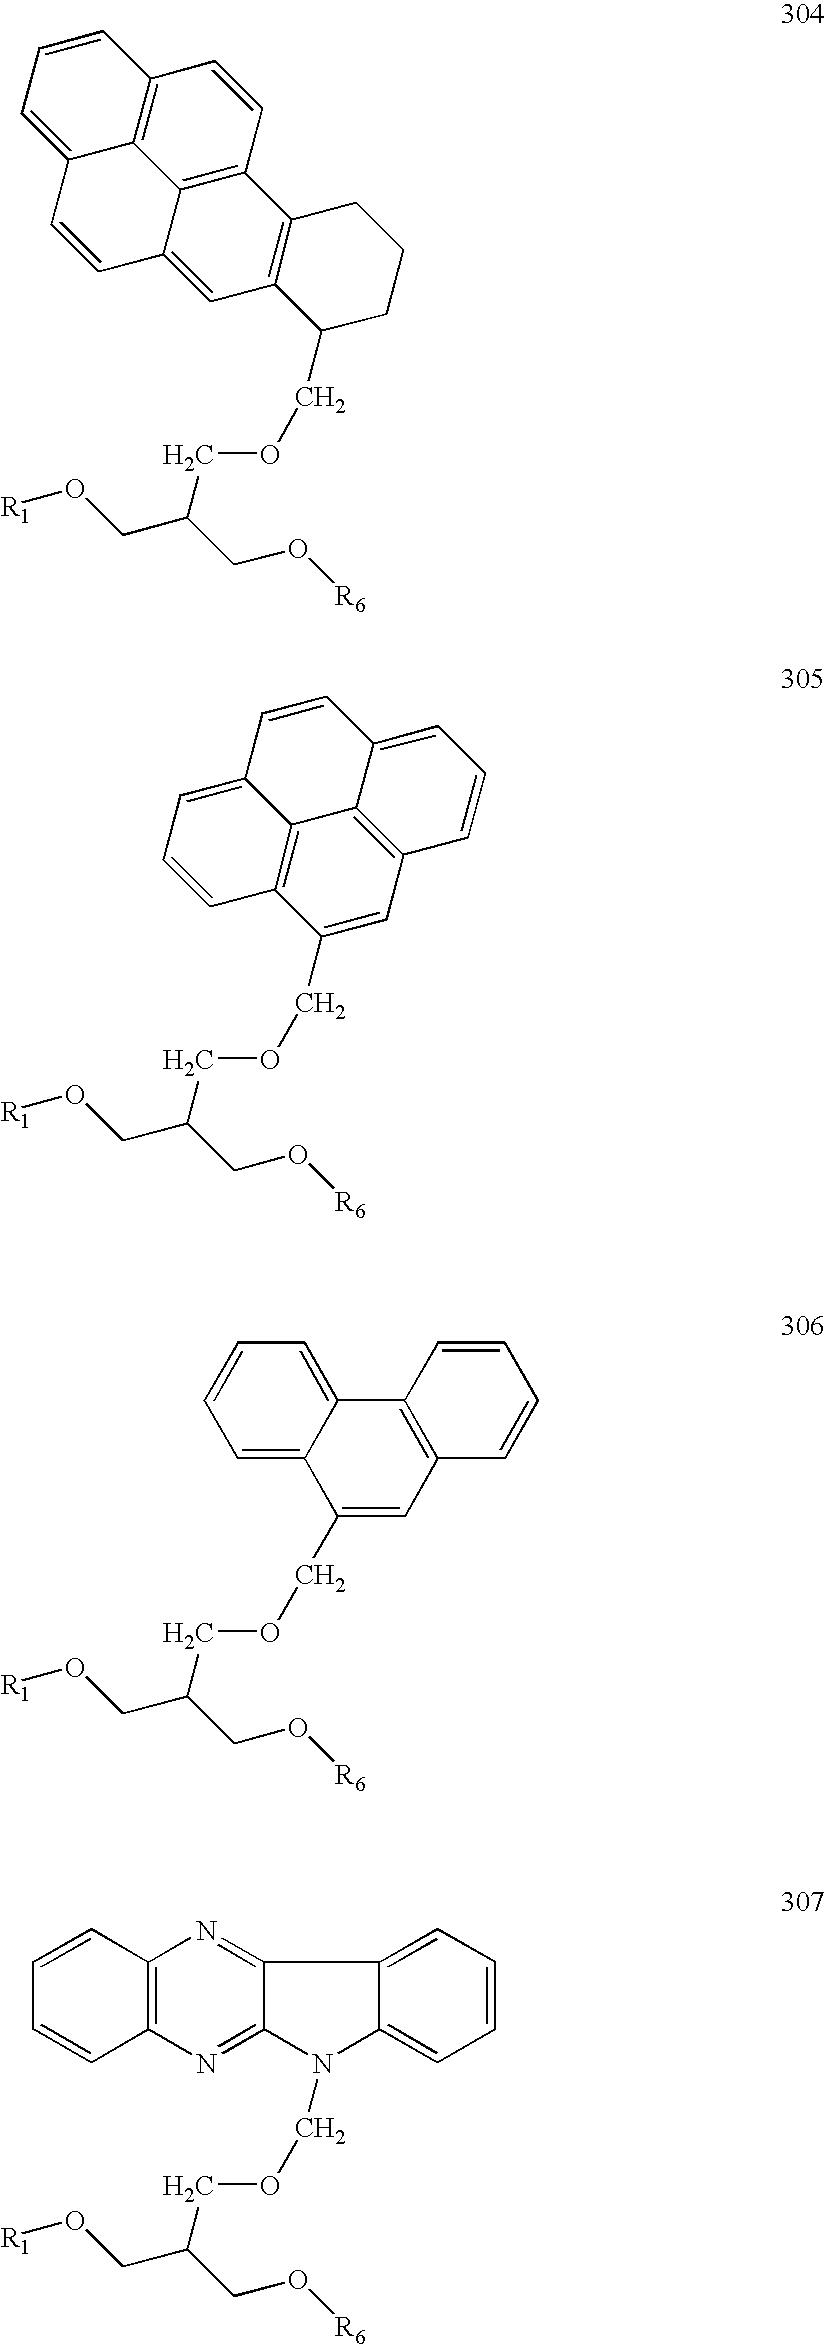 Figure US20060014144A1-20060119-C00155